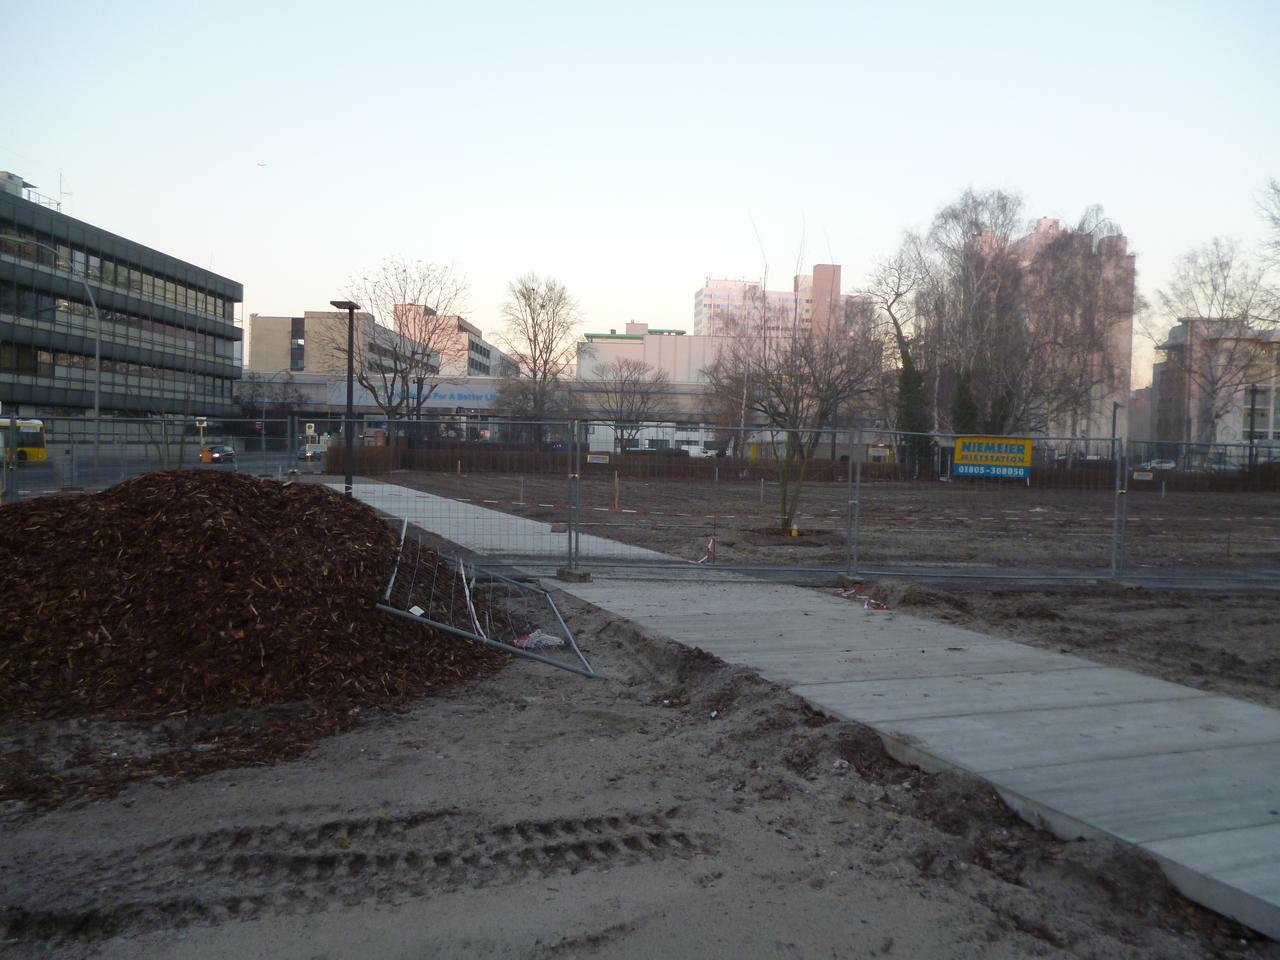 bayer-campus-nordhafey0jr2.jpg